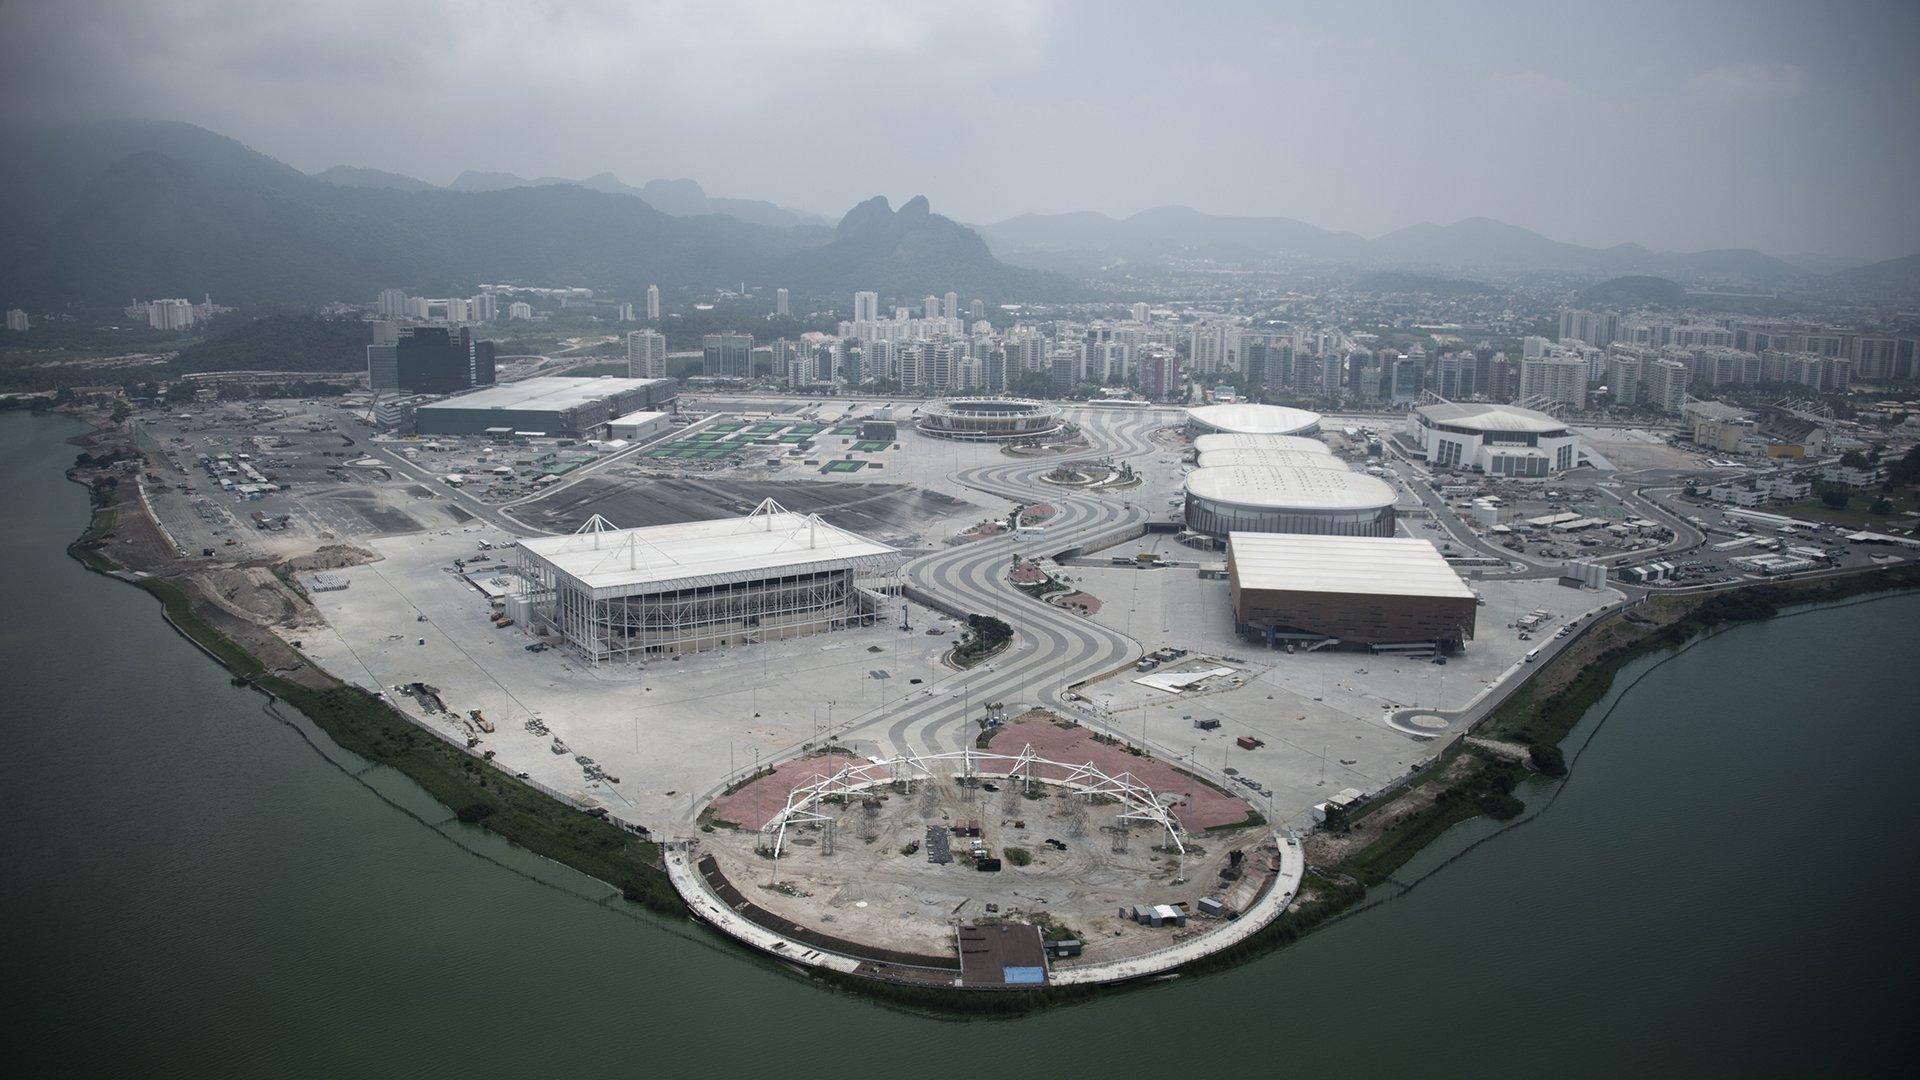 Brasil acelera la construcción de la Villa Olímpica que albergará a 10.500 atletas de 250 países